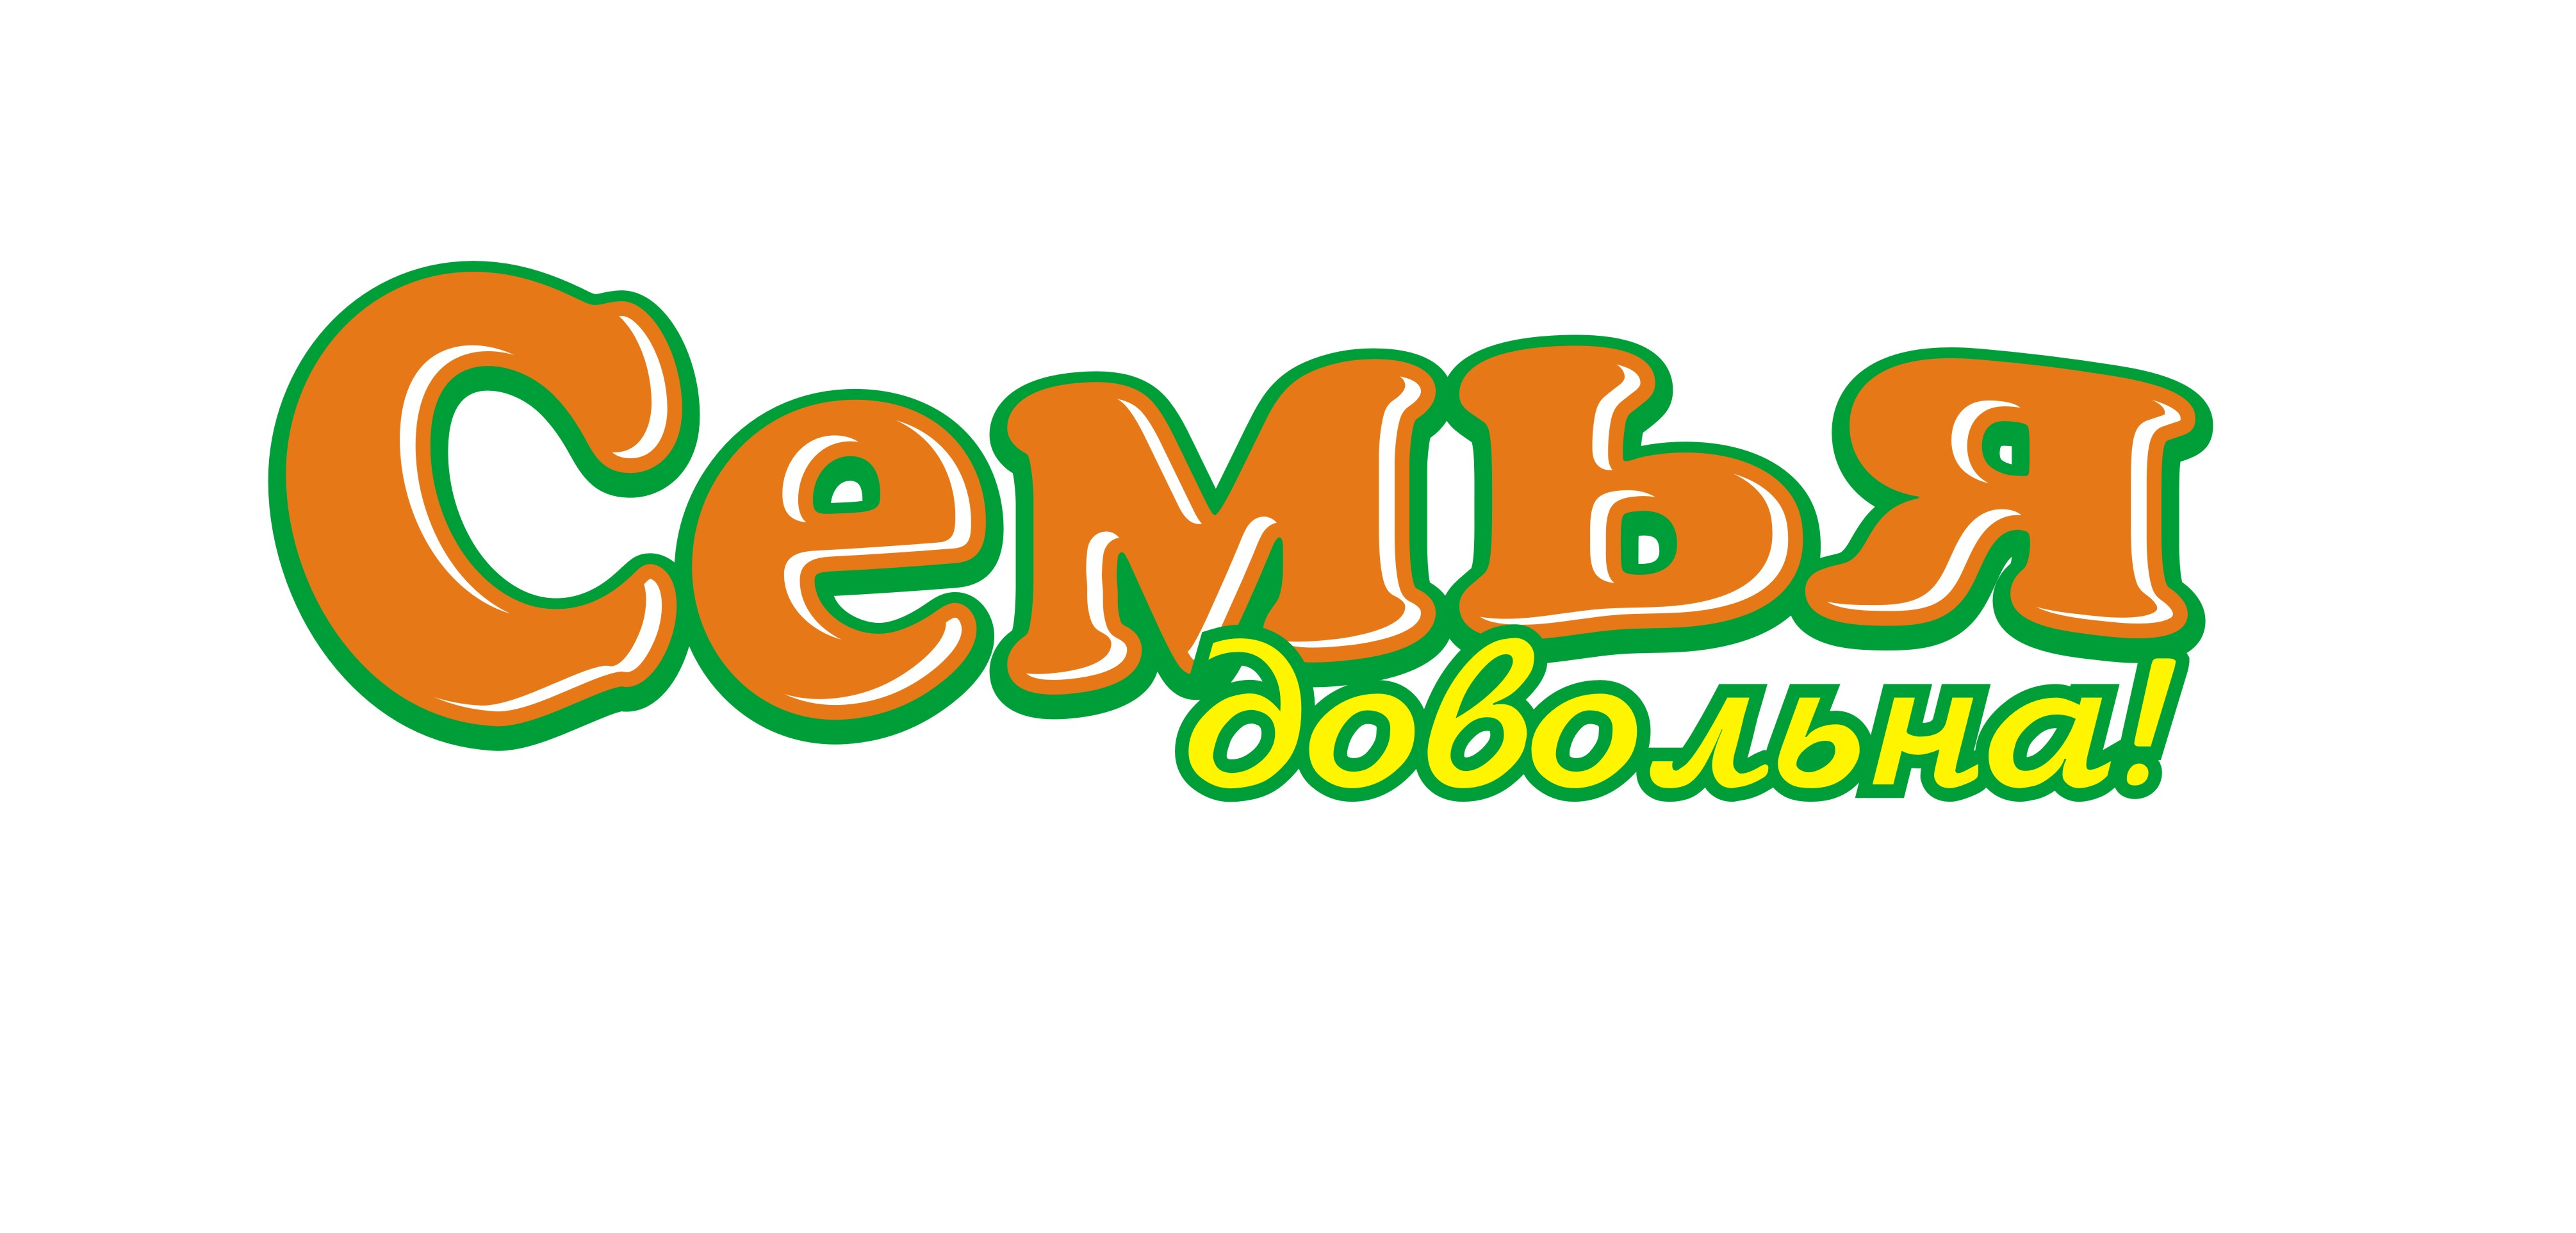 """Разработайте логотип для торговой марки """"Семья довольна"""" фото f_4165ba6c53c9f06f.jpg"""